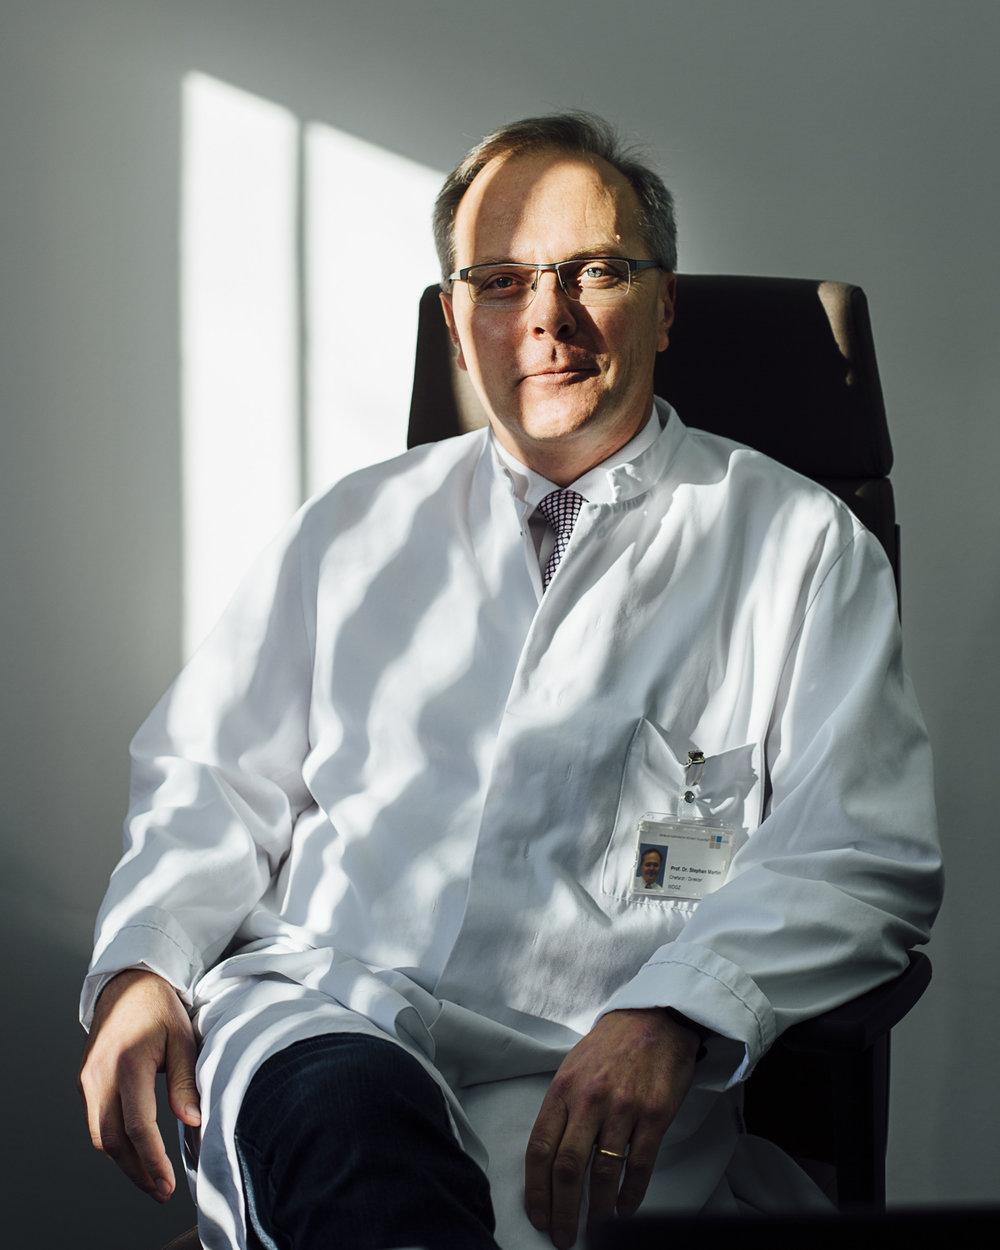 Dr_Martin-1.jpg